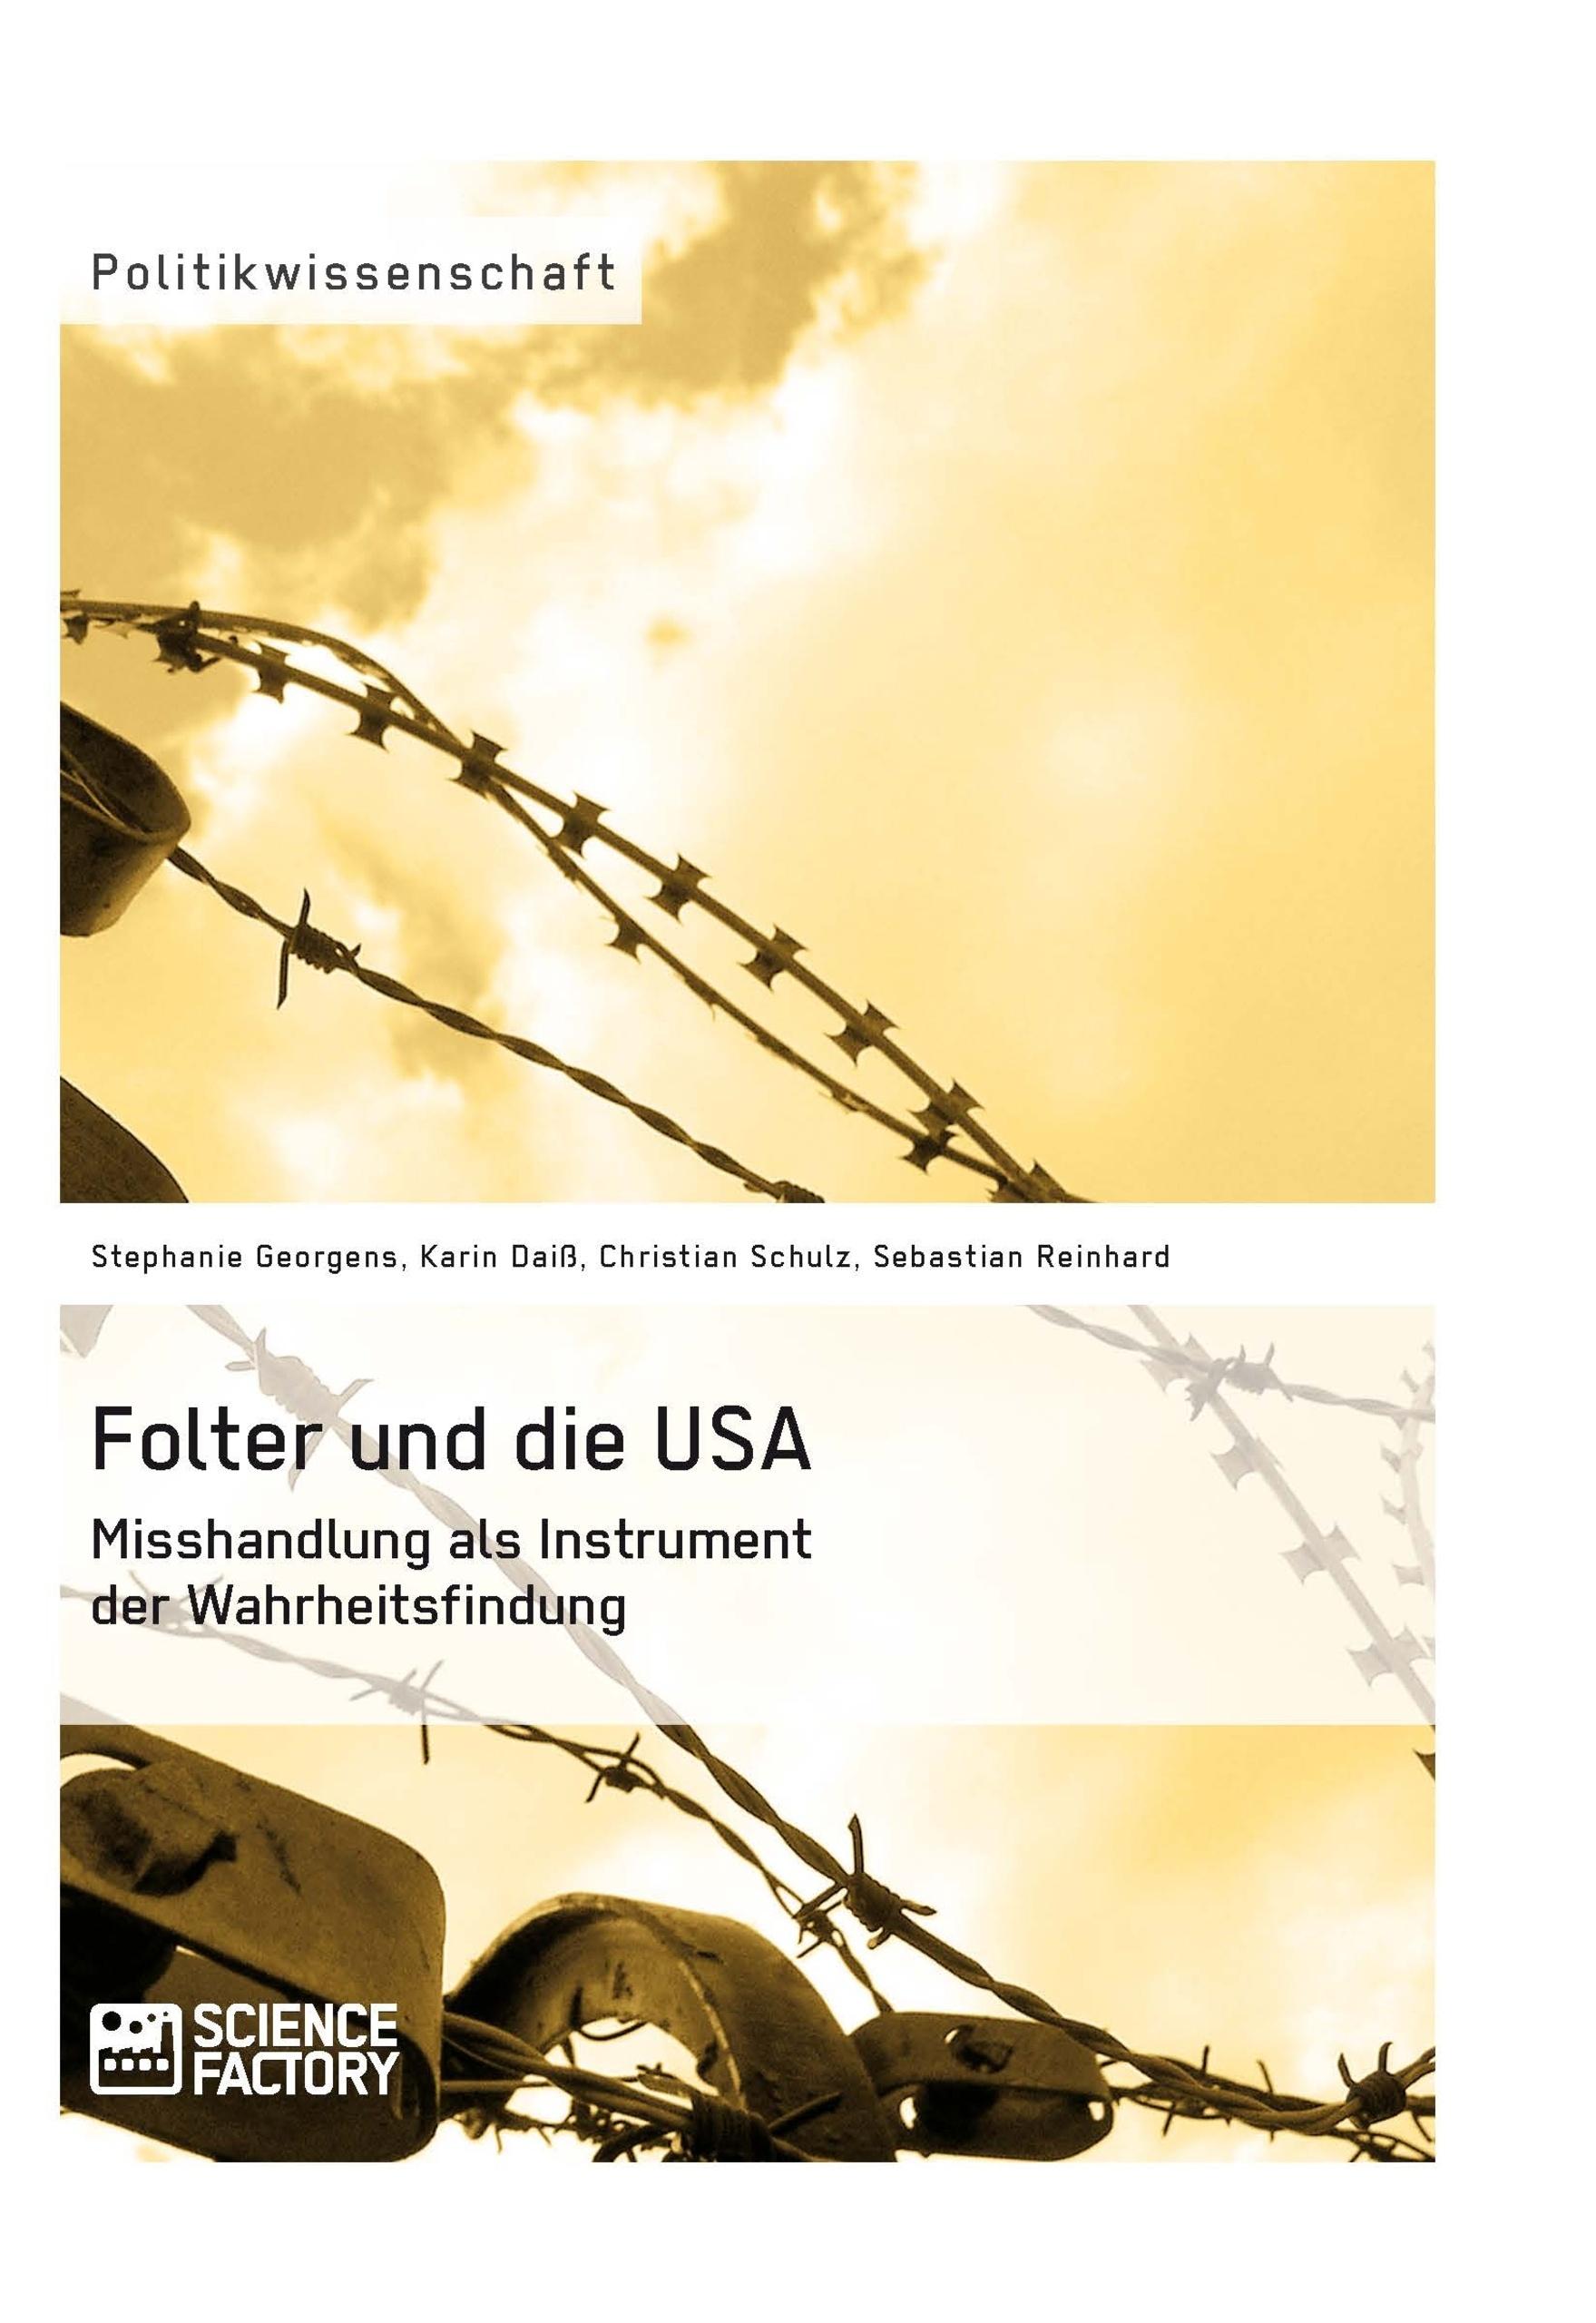 Titel: Folter und die USA. Misshandlung als Instrument der Wahrheitsfindung